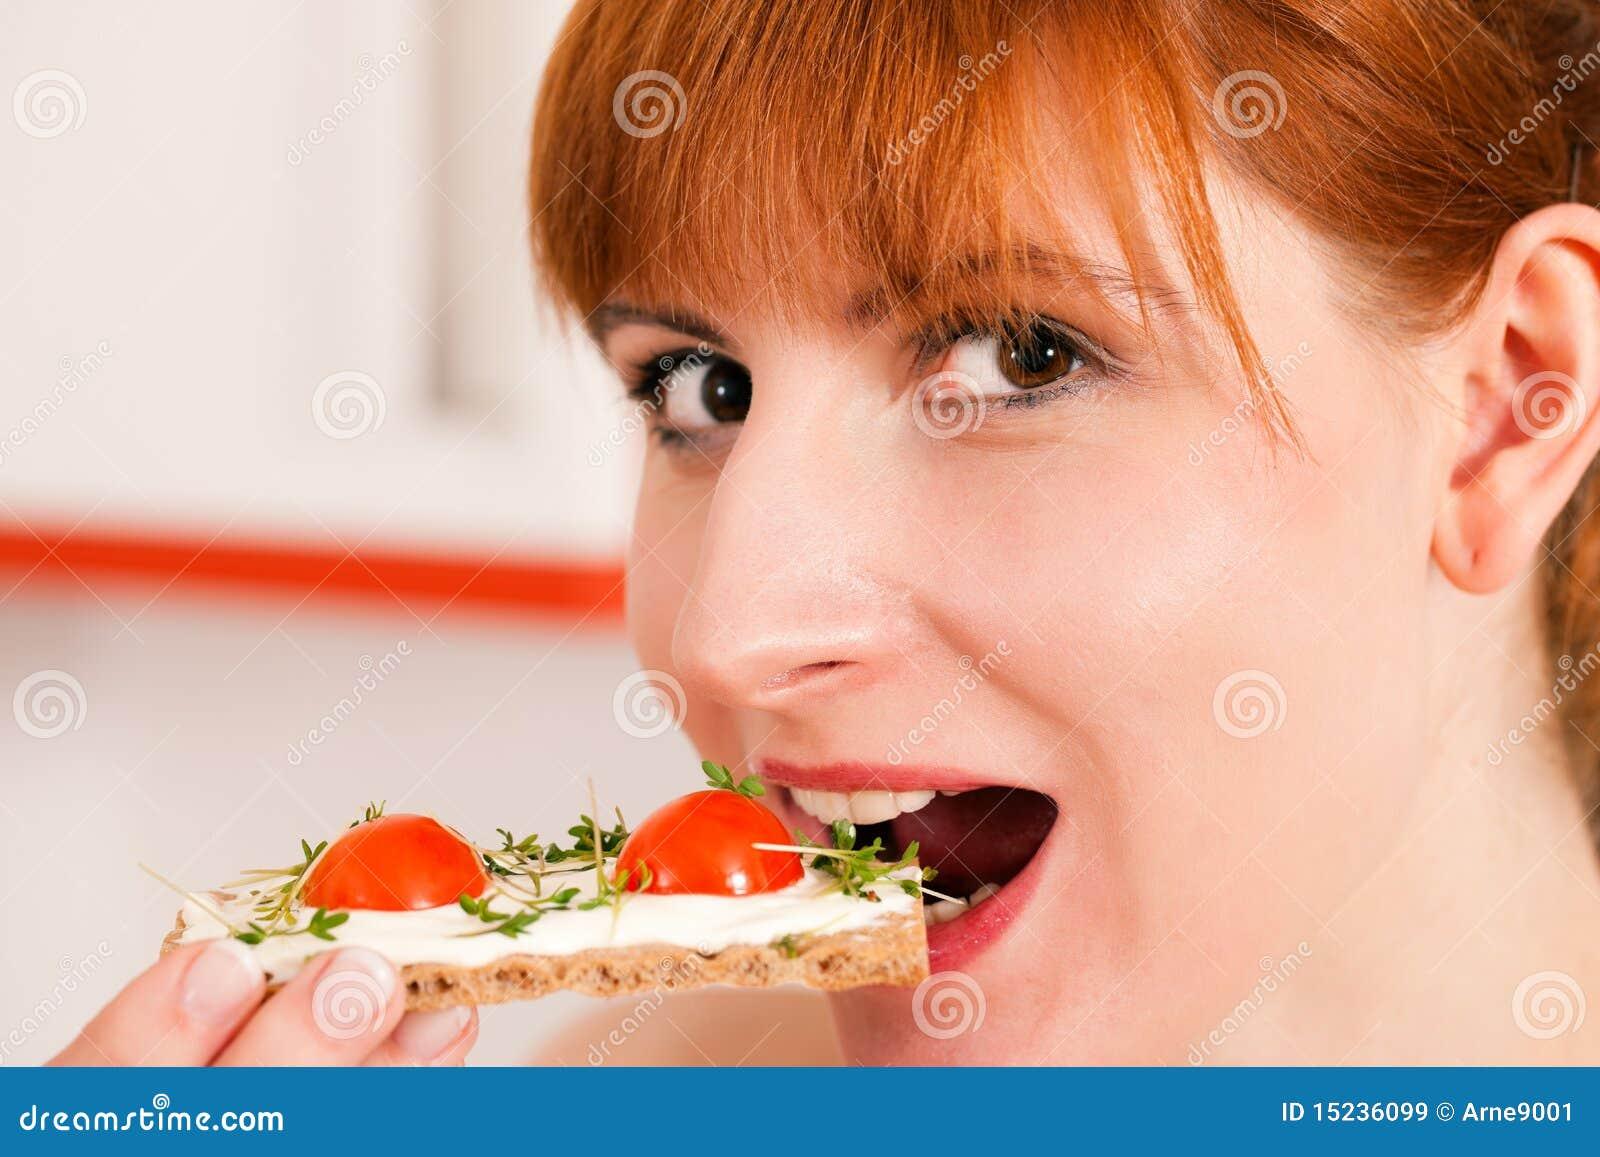 Gesundes Essen Frau Mit Knackebrot Stockbild Bild Von Lacheln